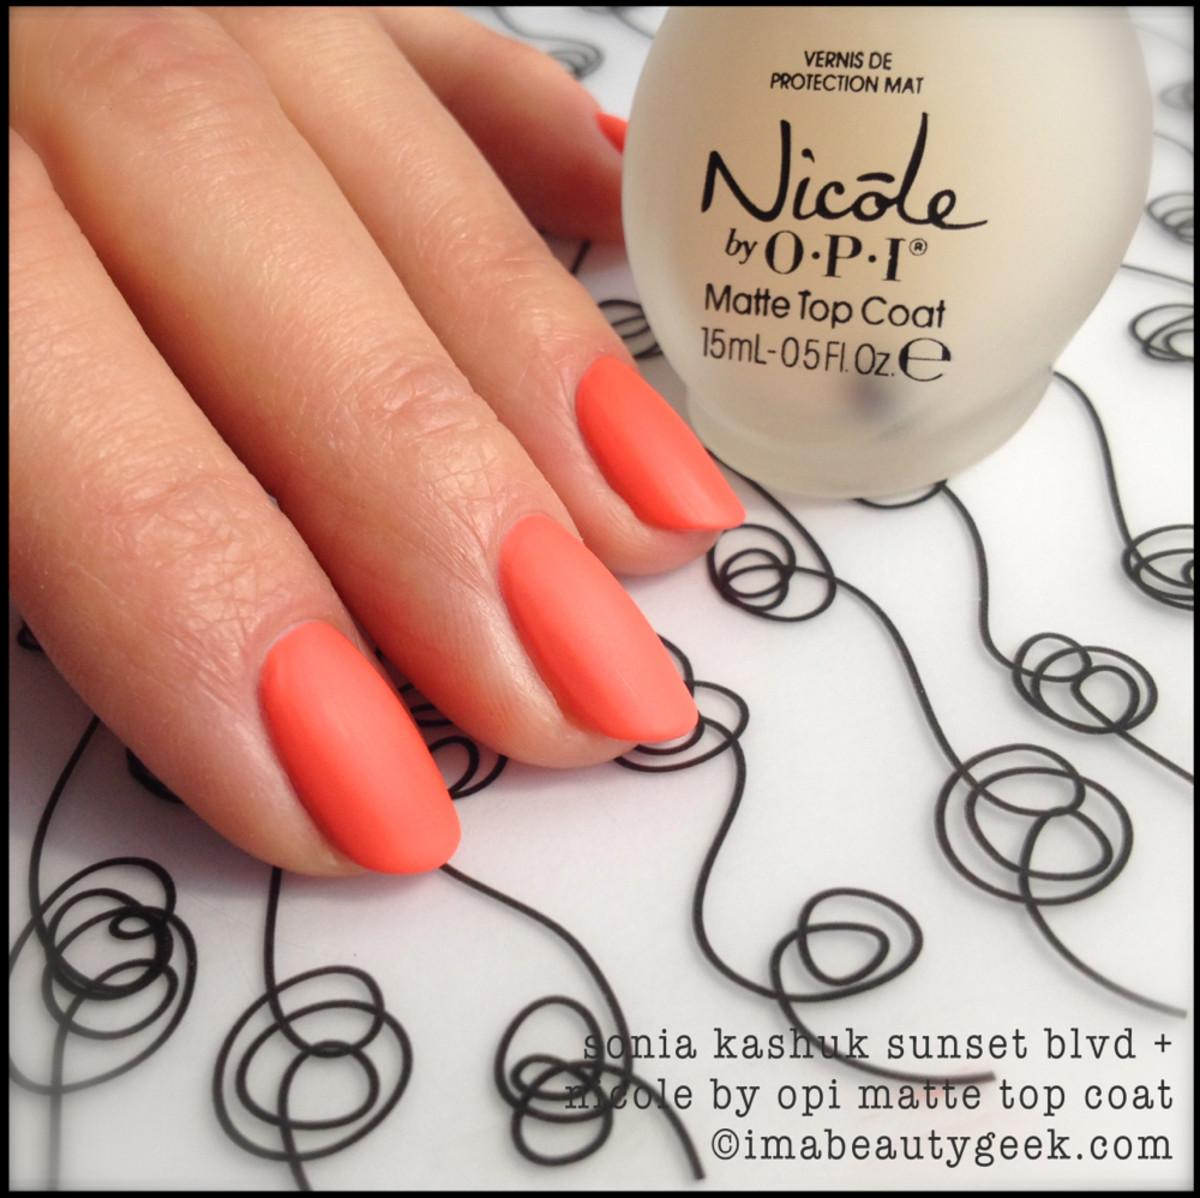 Sonia Kashuk Sunset w Nicole Matte Top_Sonia Kashuk nail polish Spring 2014